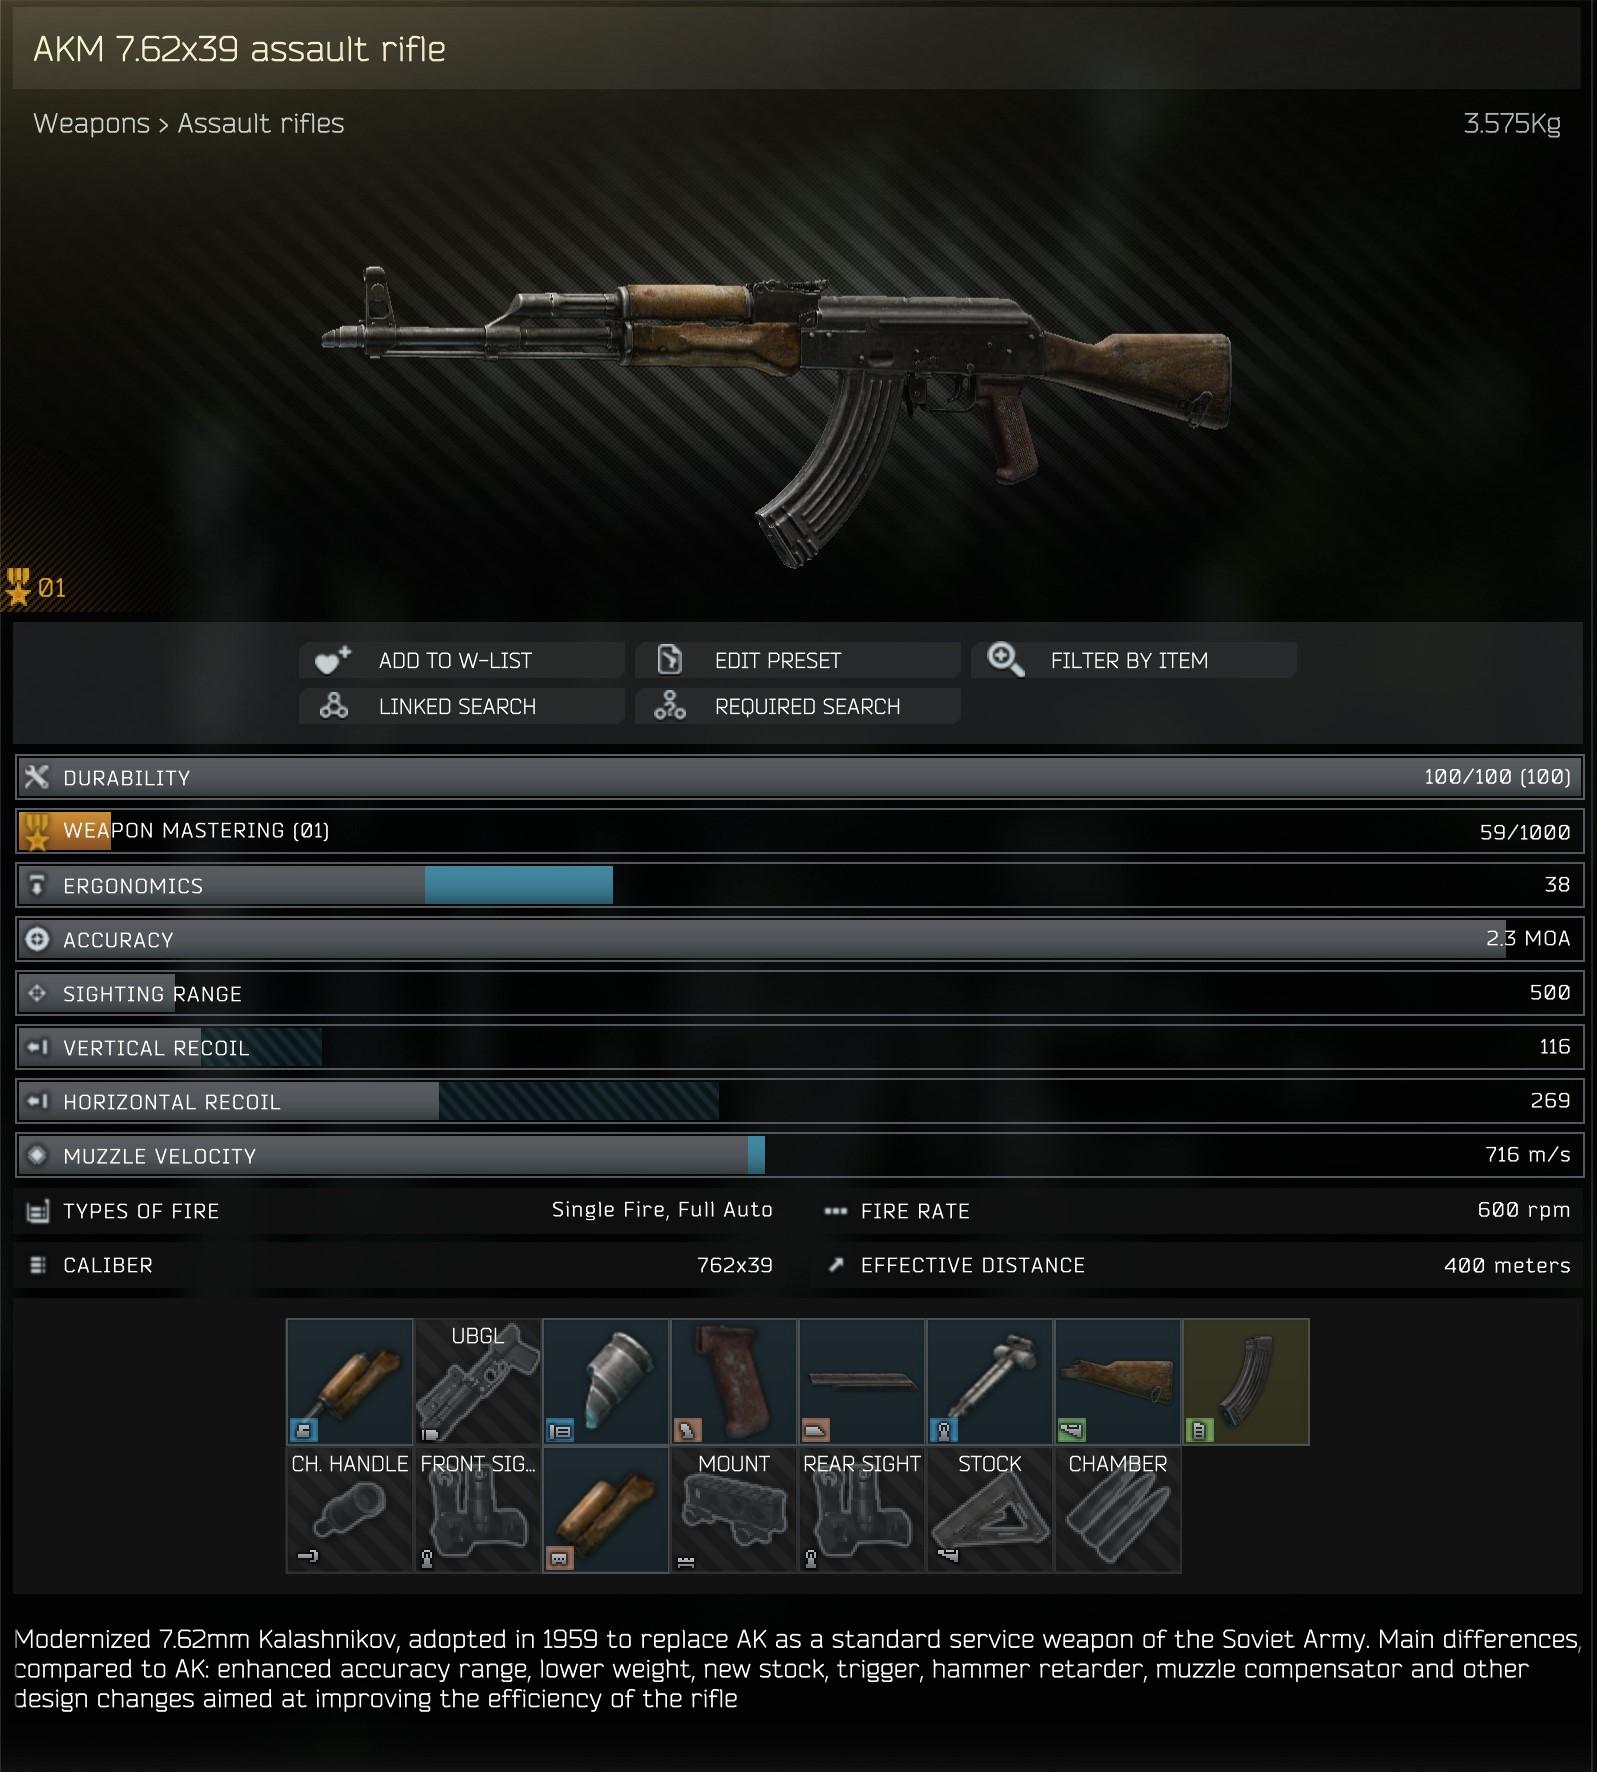 AKM 7.62x39 assault rifle.jpg